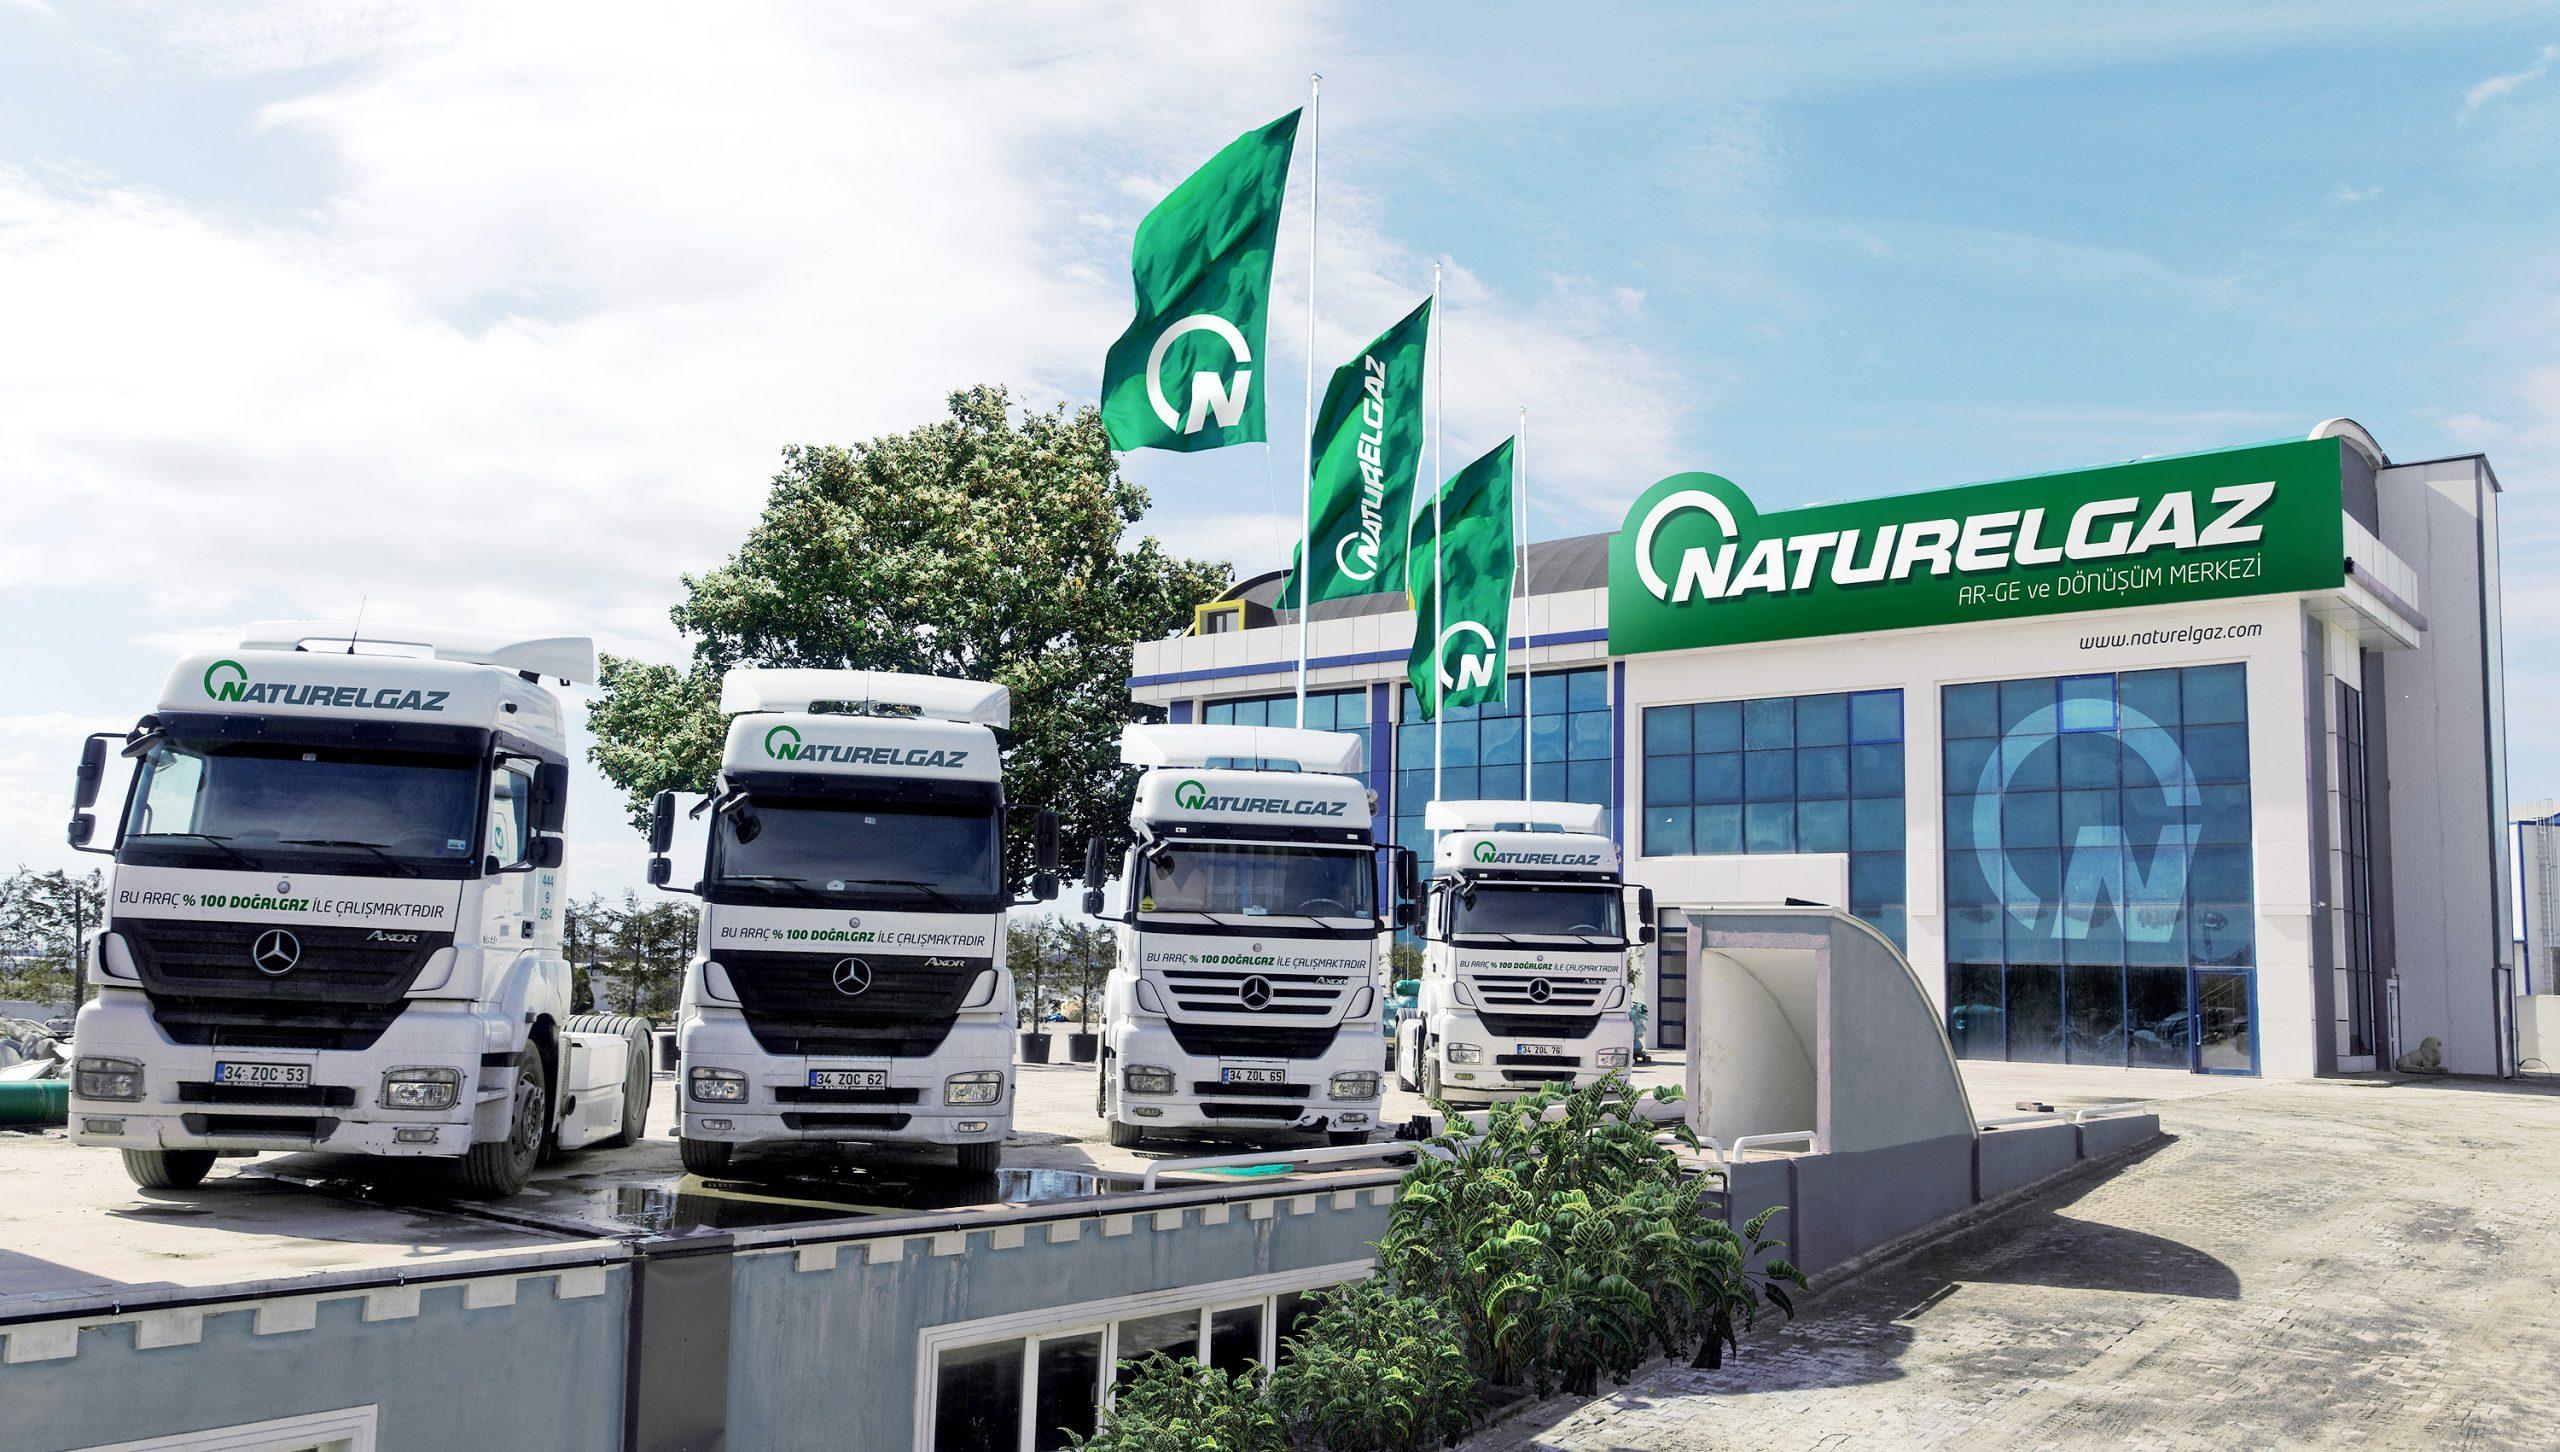 Naturelgaz gelirlerini yüzde 46 artırdı, FAVÖK'ü 21.6 milyon TL'ye ulaştı